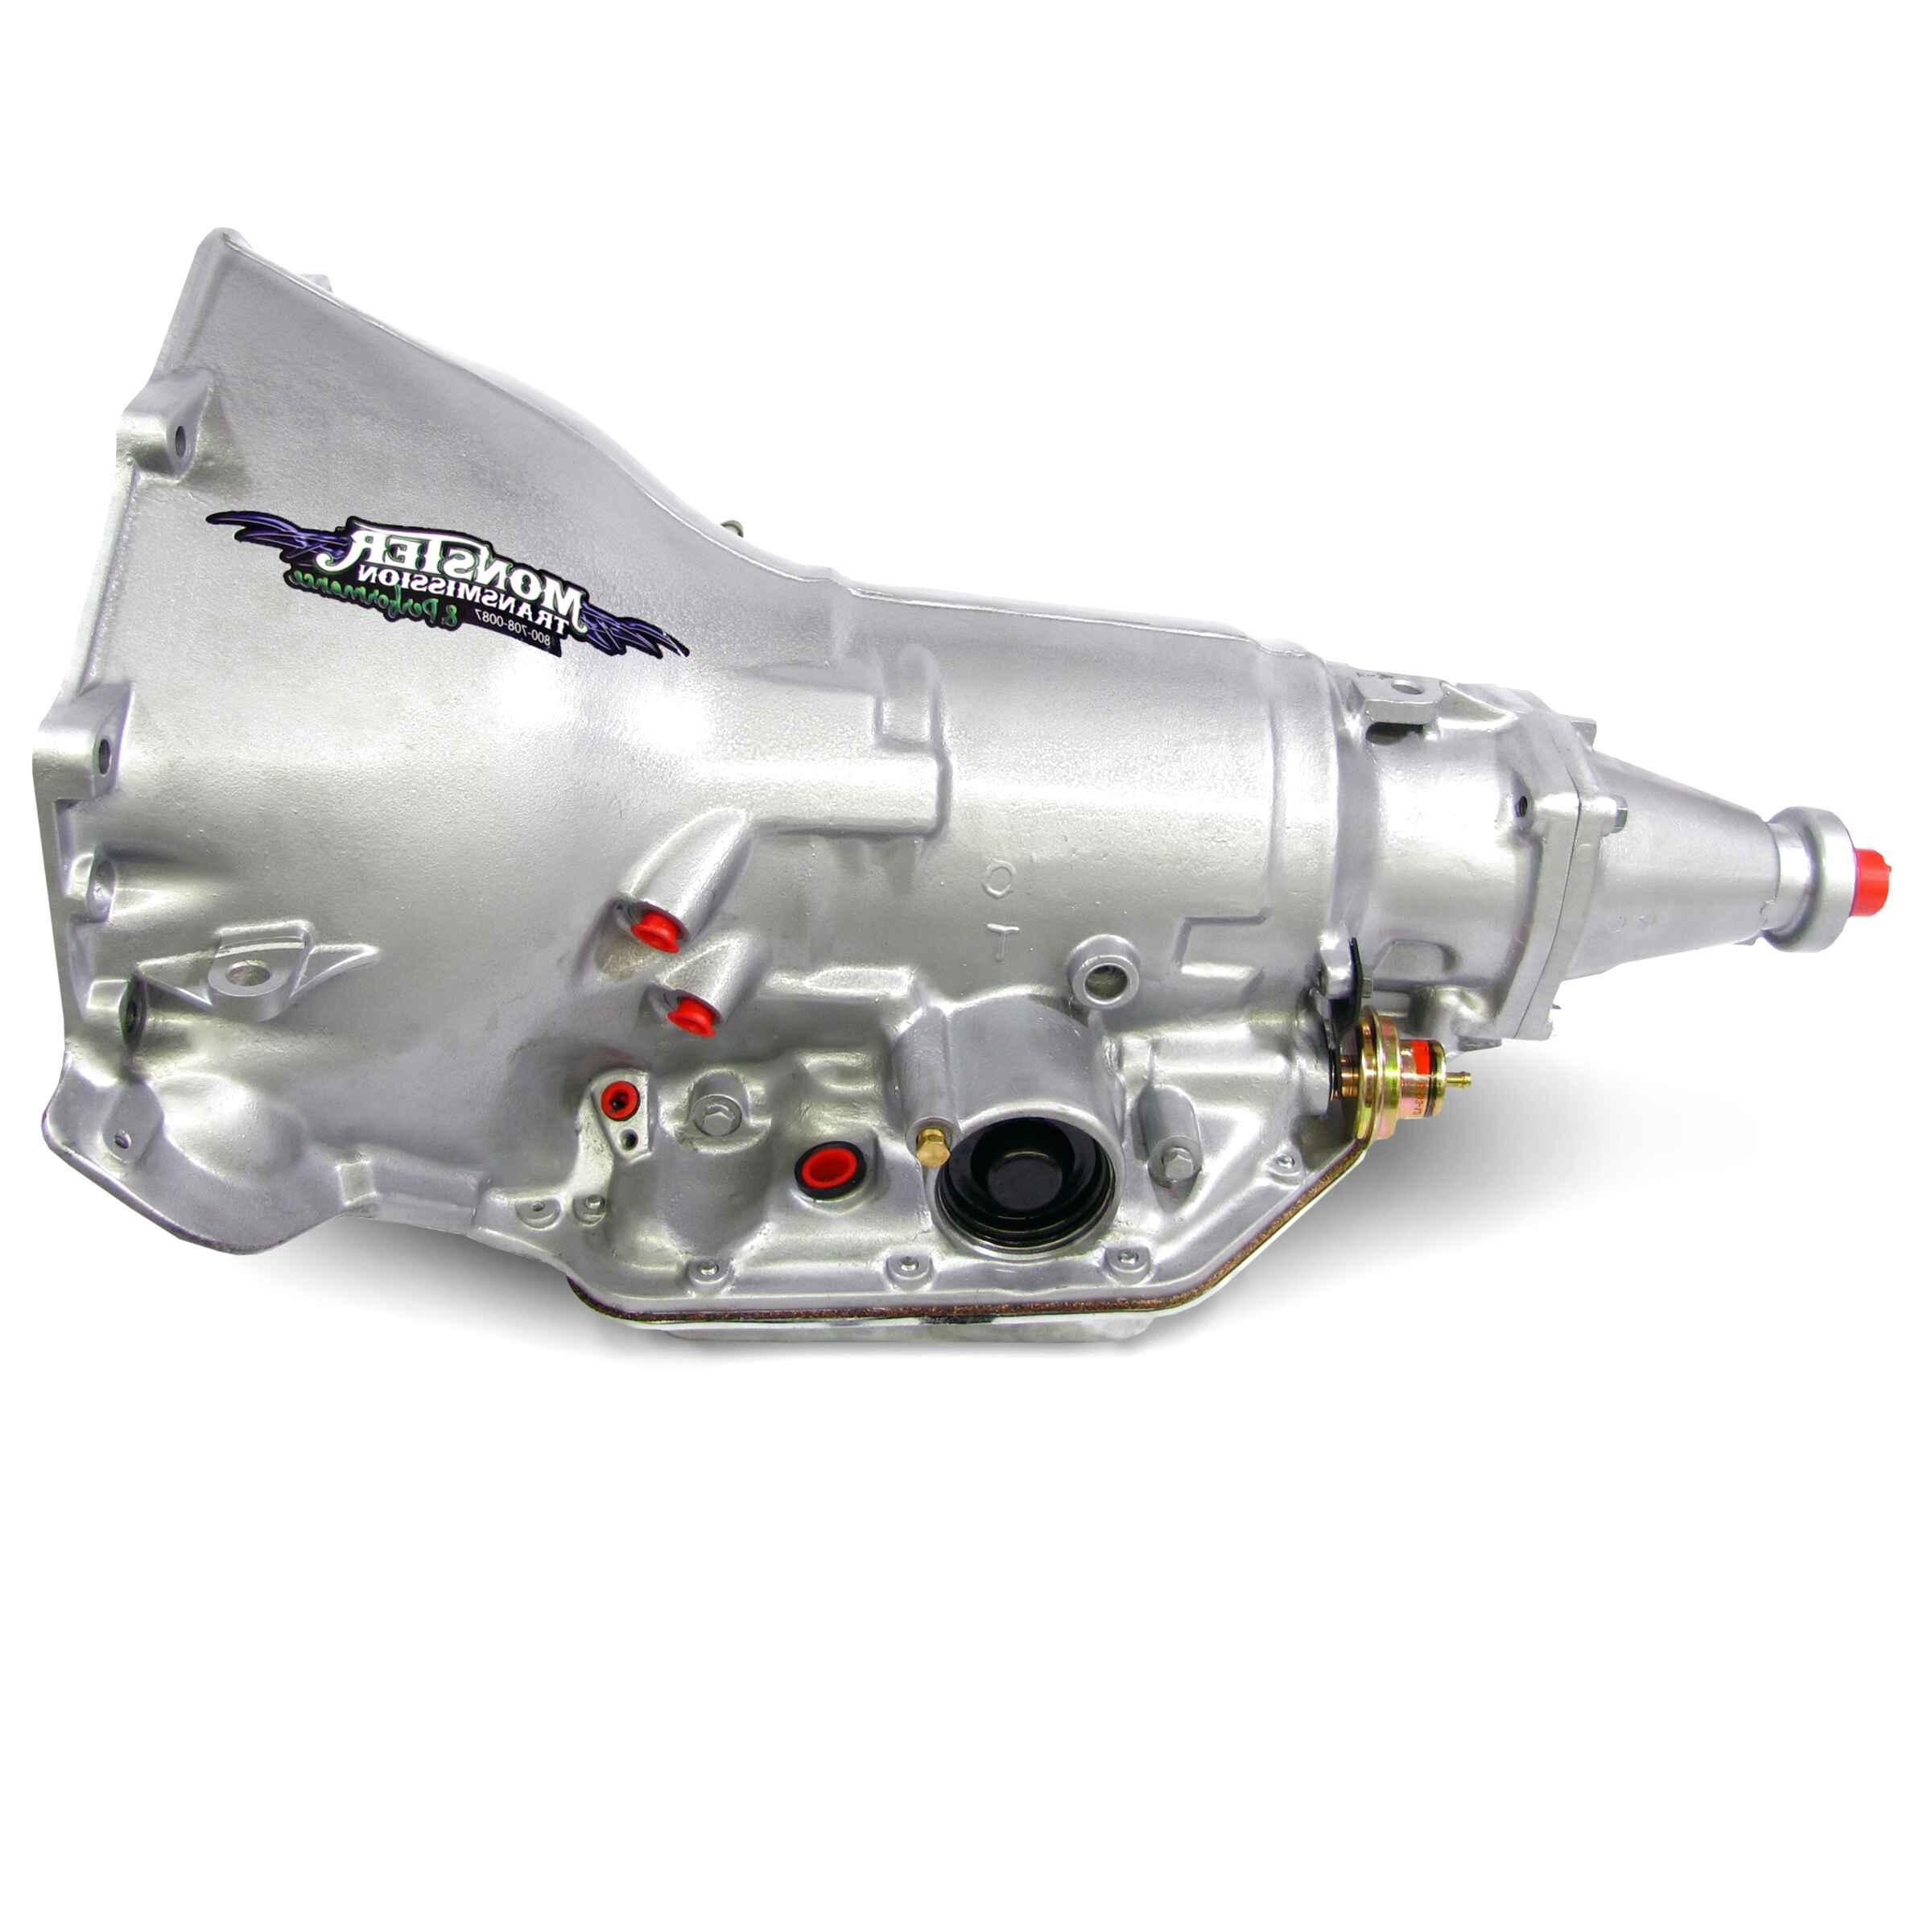 350 transmission for sale